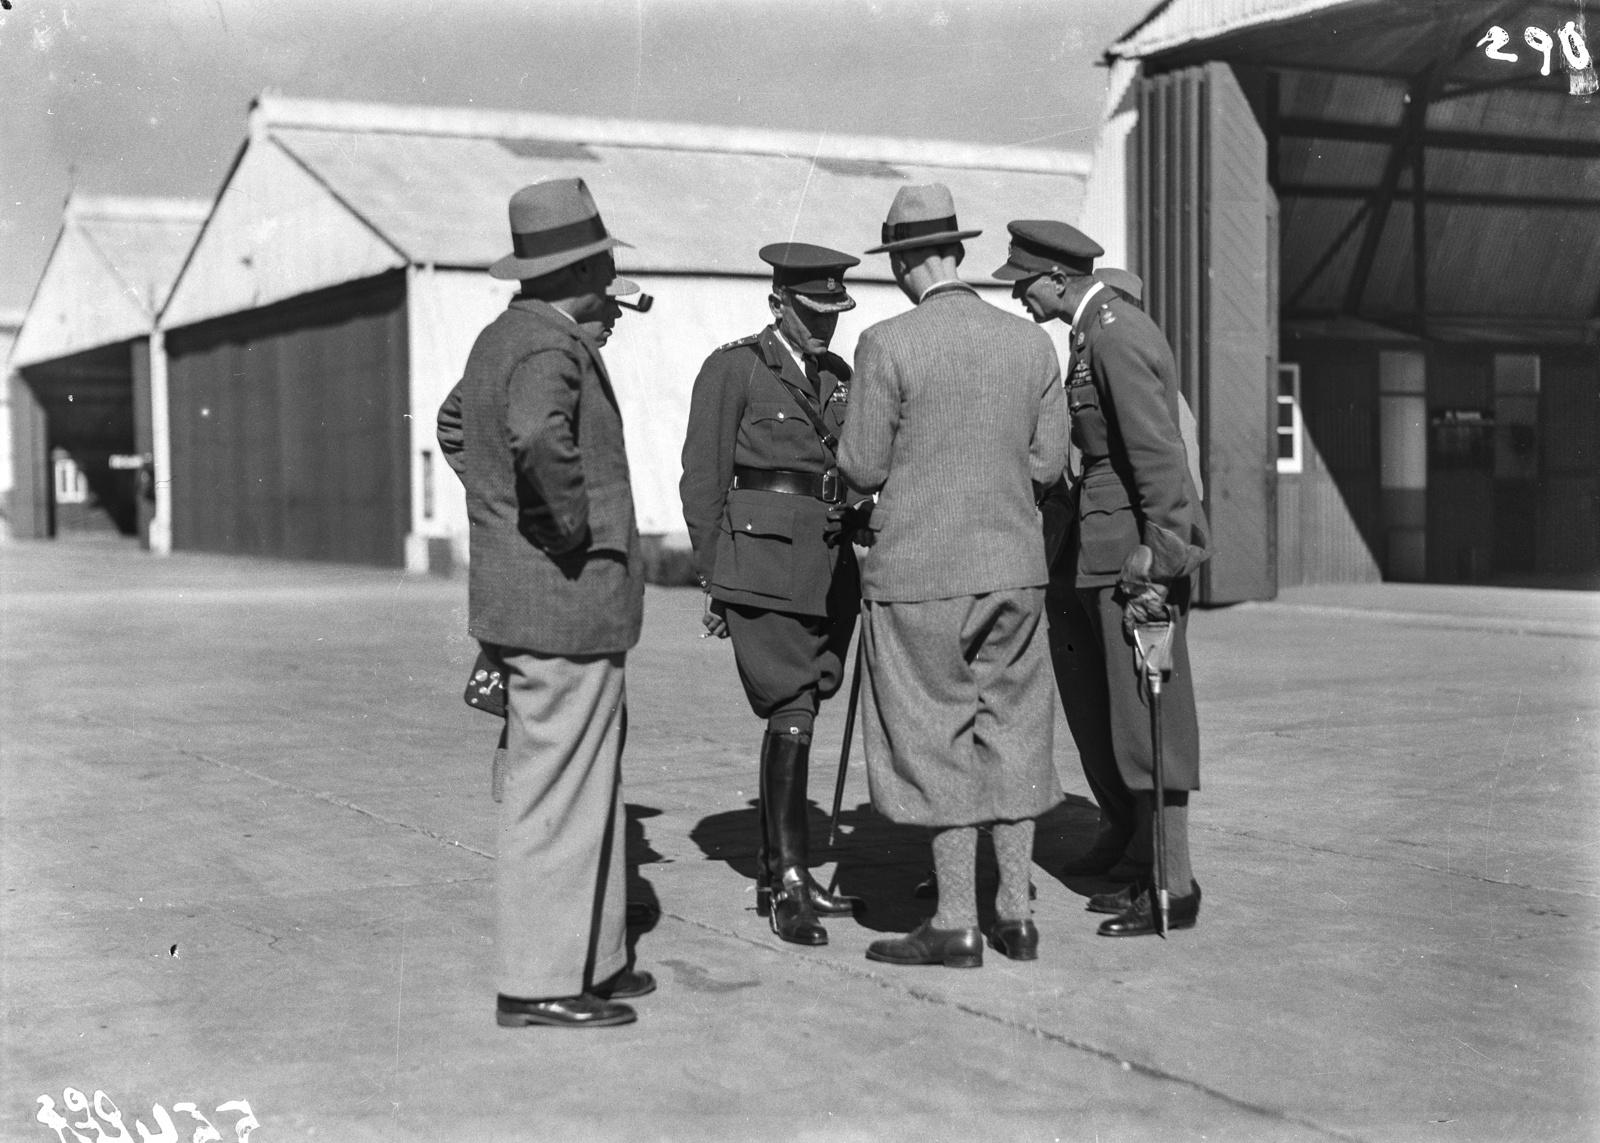 Южно-Африканский Союз. Претория.  Участники экспедиции на аэродроме беседуют с пилотами